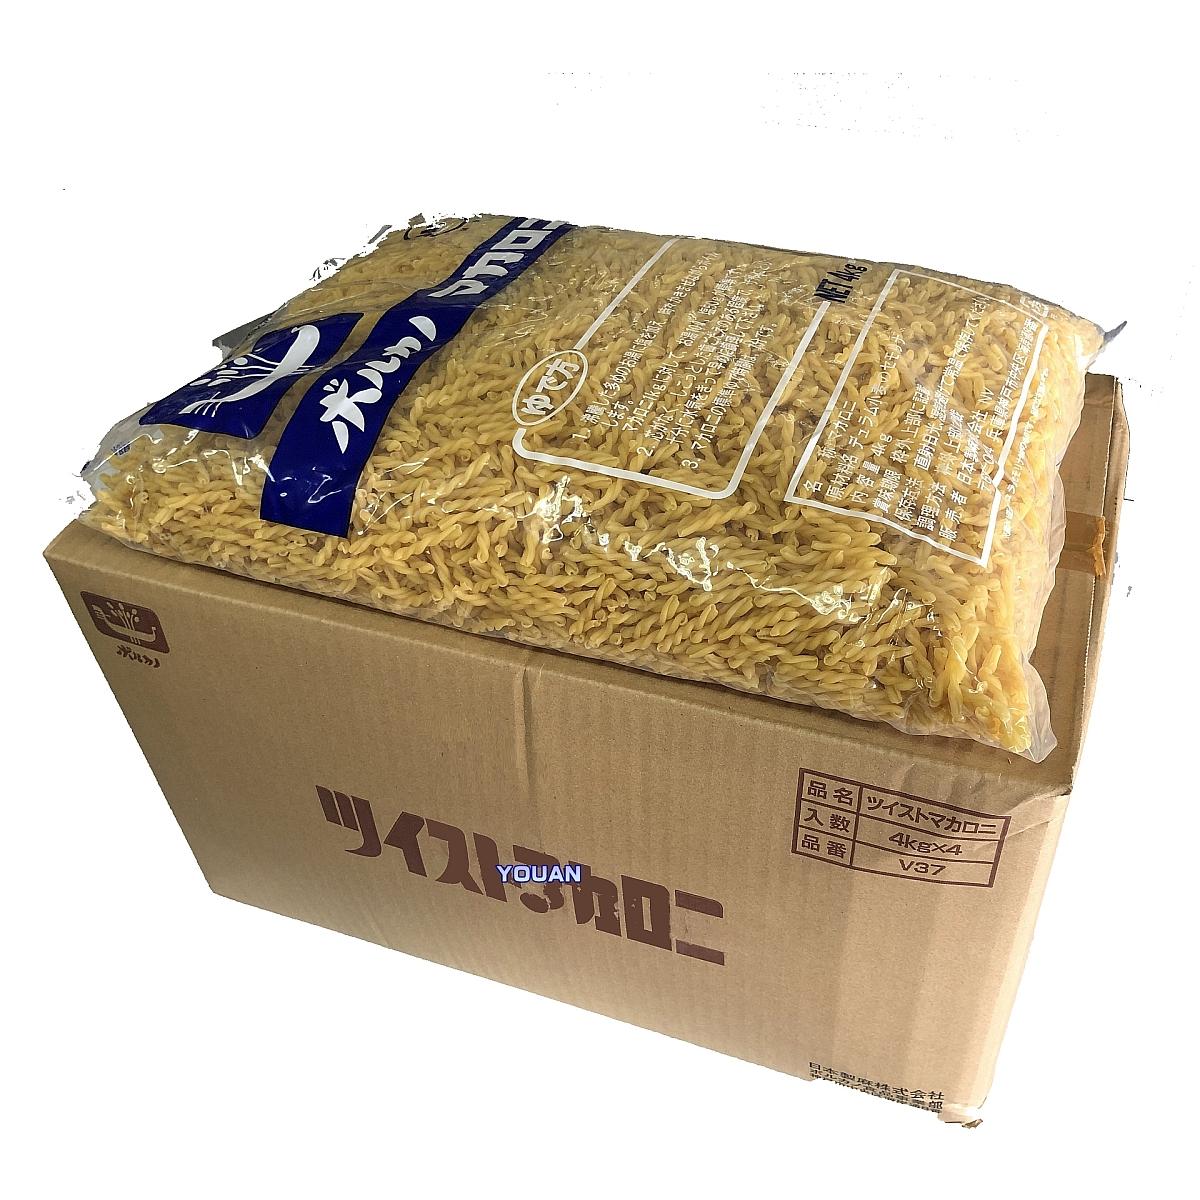 業務用 ボルカノ マカロニ【ツイストマカロニ V37 (4kg×4袋)】